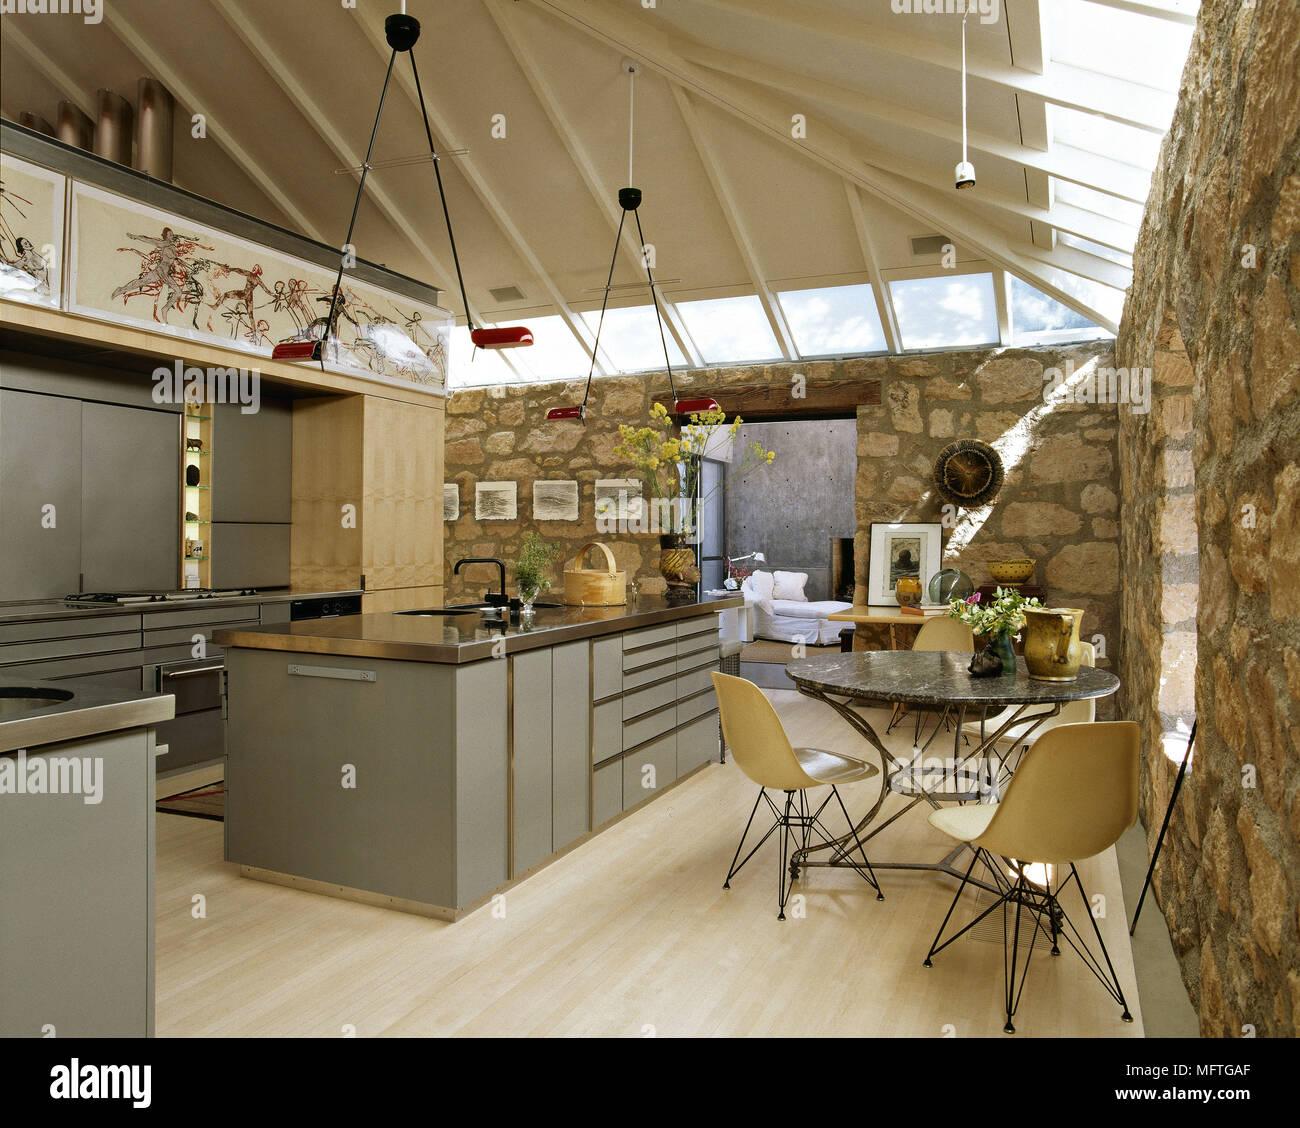 Ilot Cuisine Table A Manger cuisine ouverte moderne et salle à manger avec îlot central